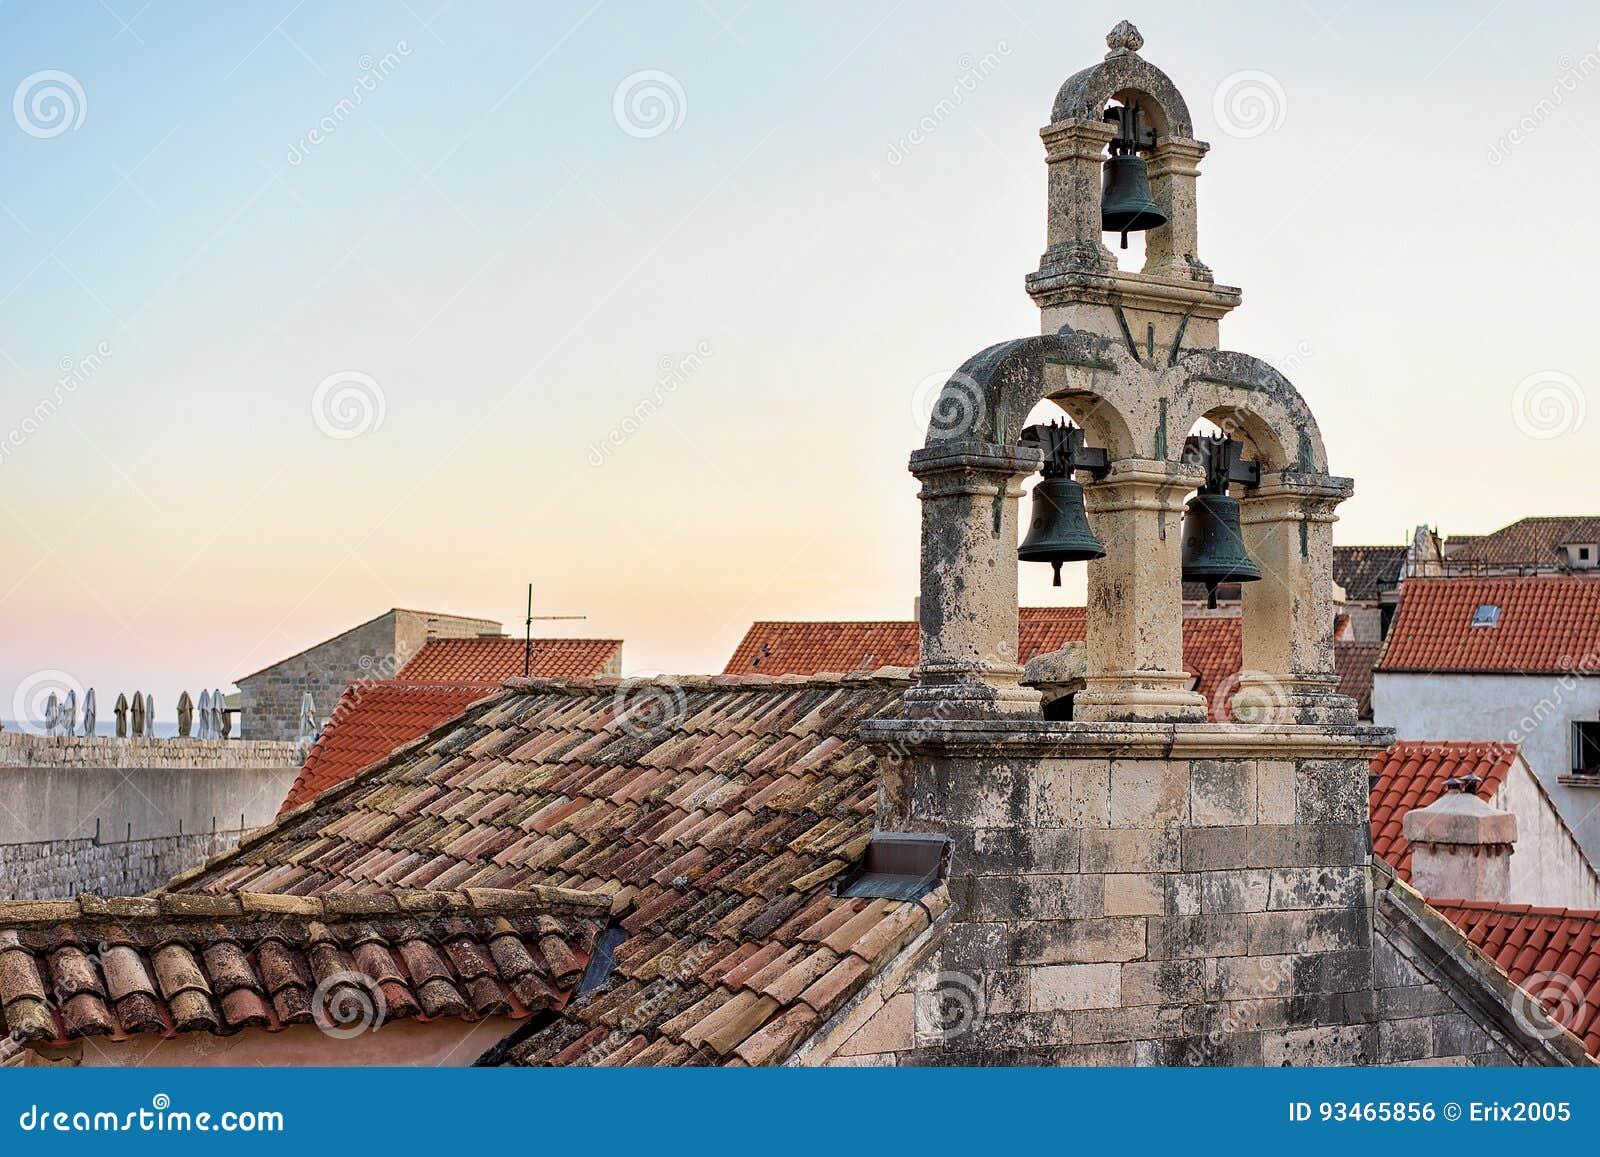 Tejado de la iglesia en Dubrovnik